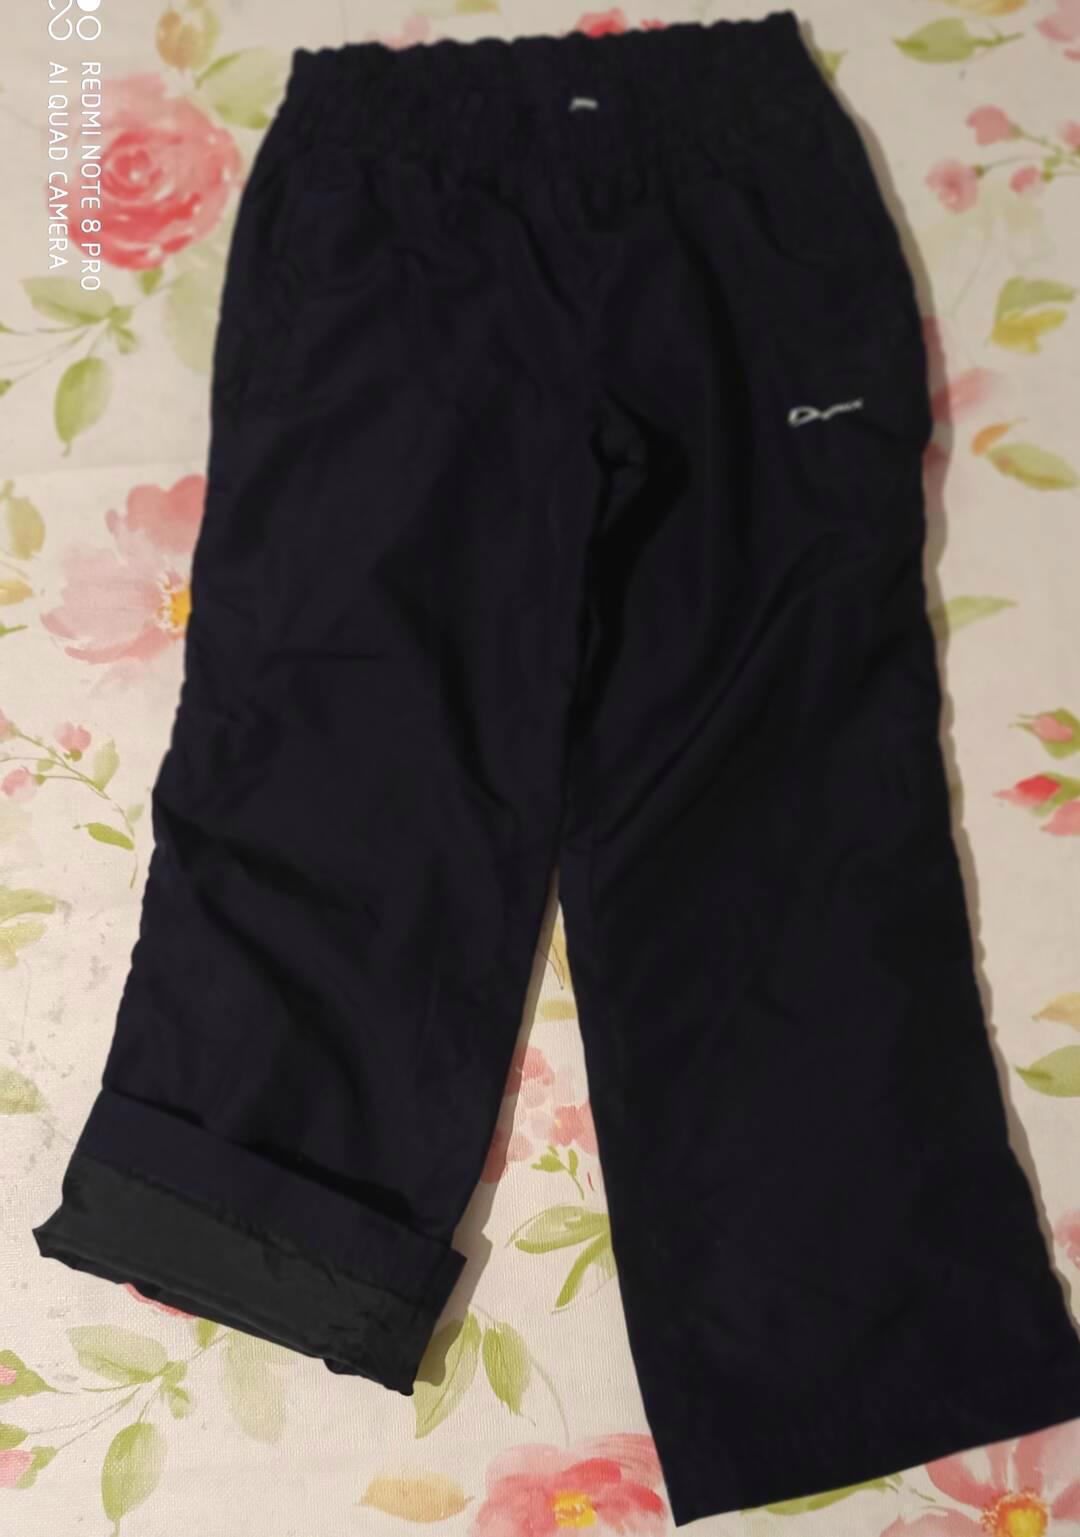 Nepromokavé svrchní kalhoty vel 110.  - foto 1